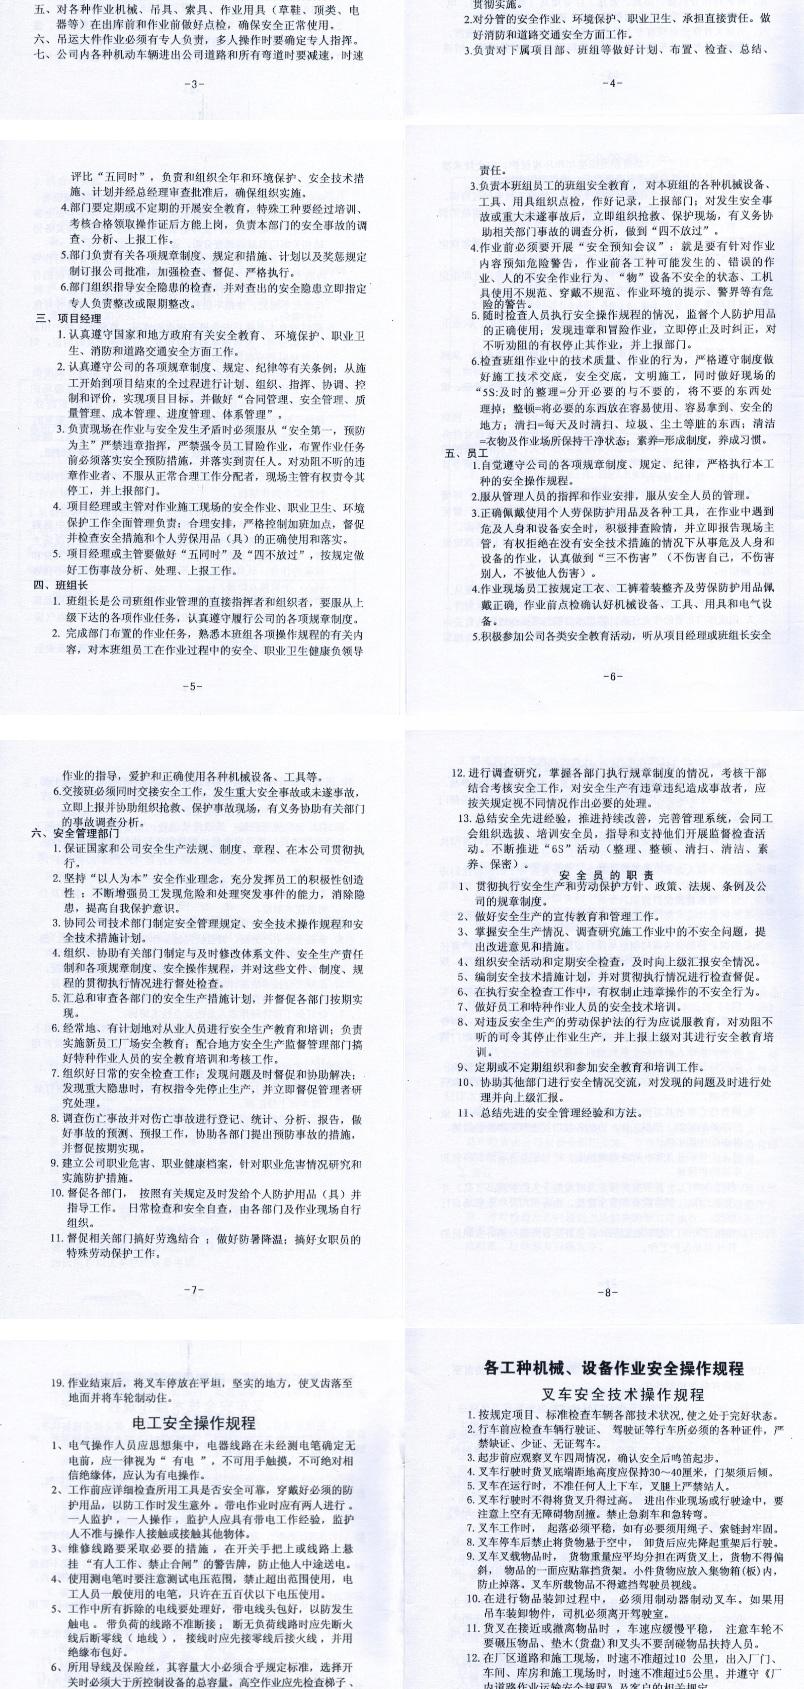 安全手册-安达利机电bob手机工程有限公司_02.jpg